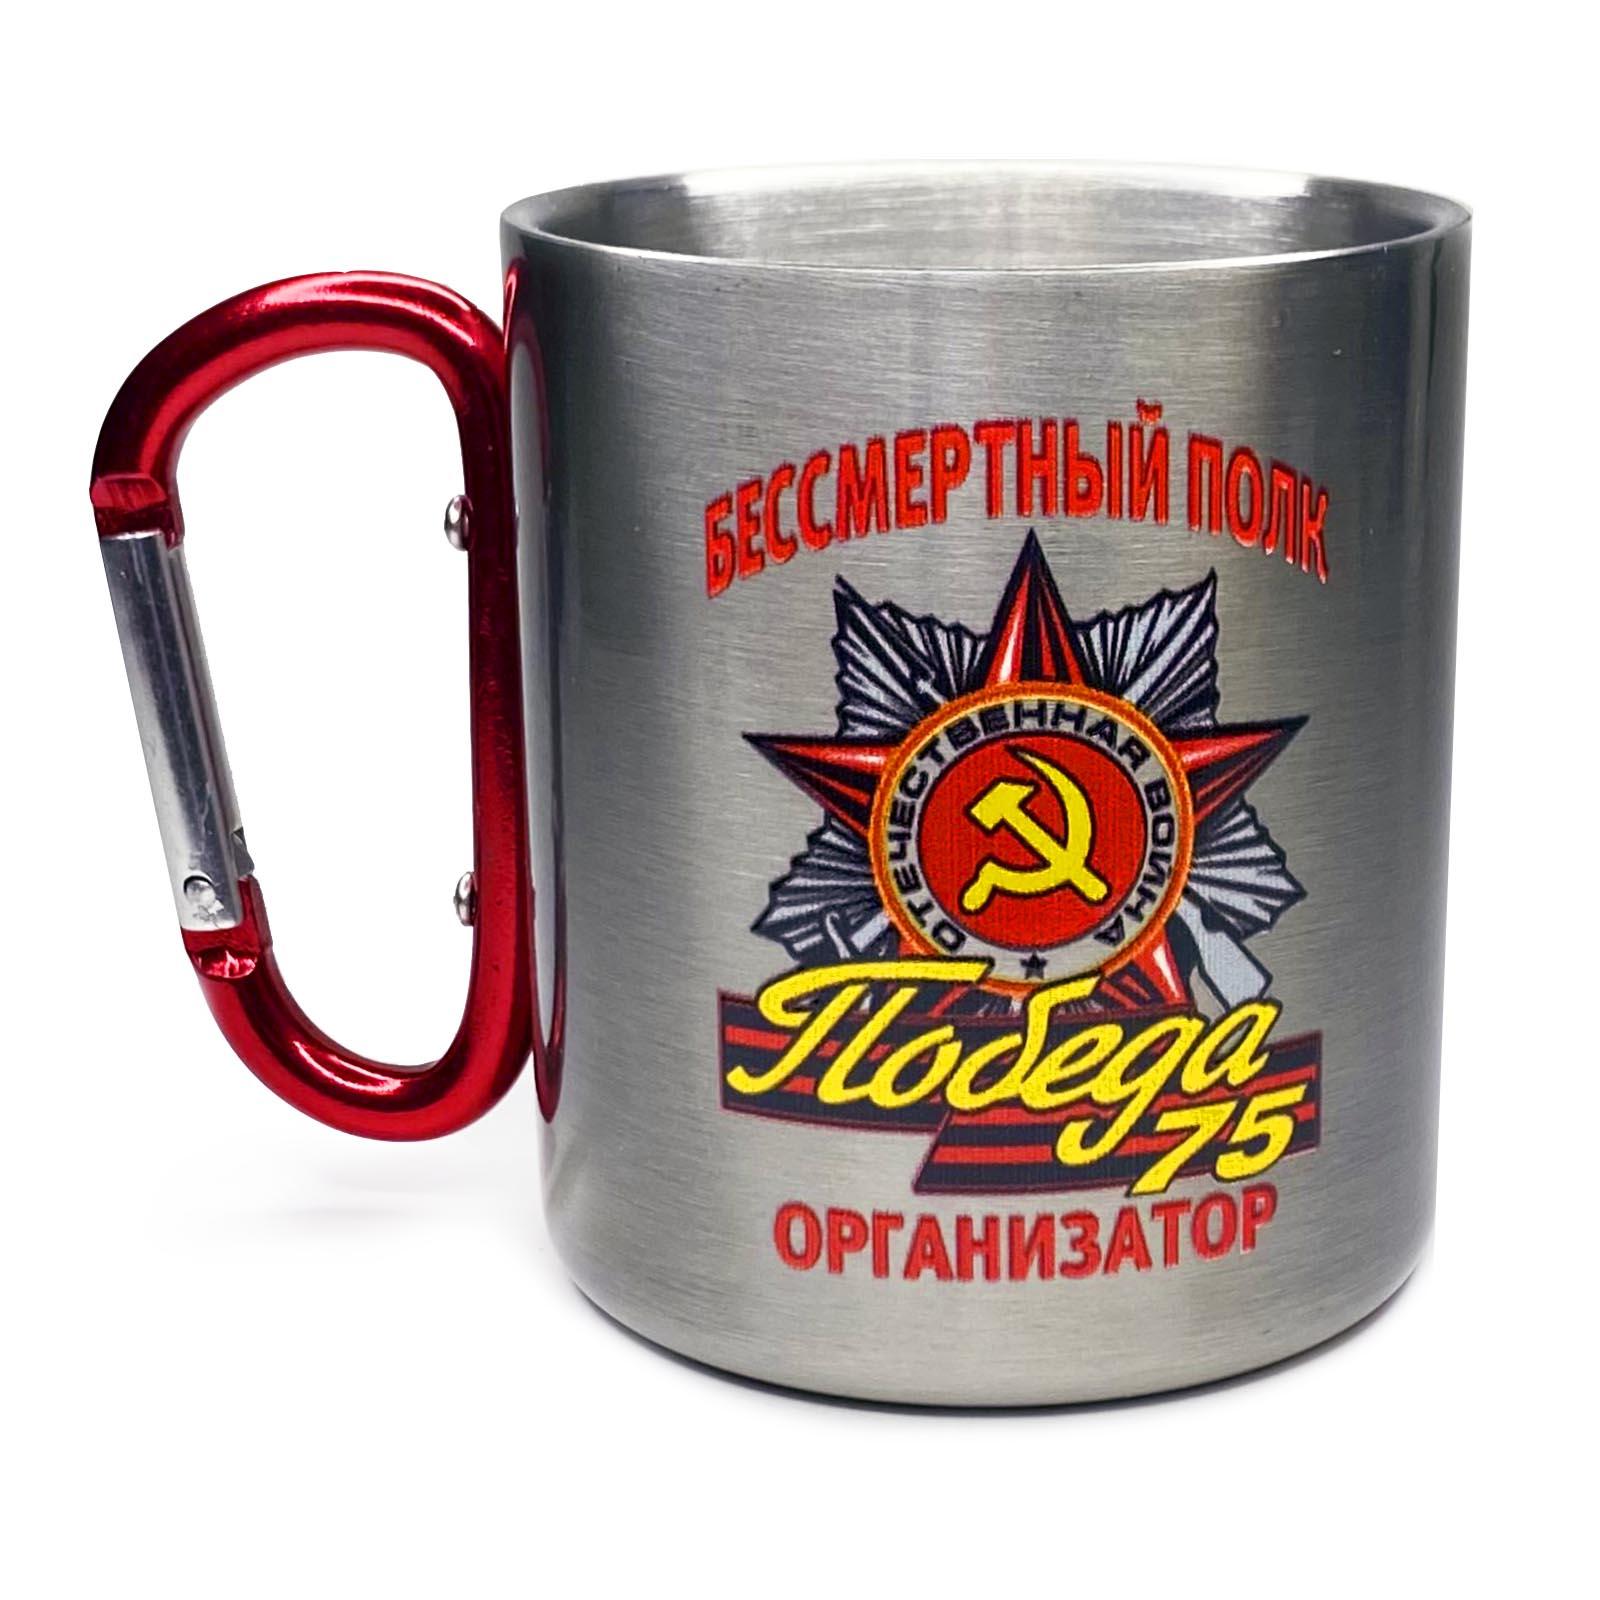 Походная кружка-карабин организатору Бессмертного полка